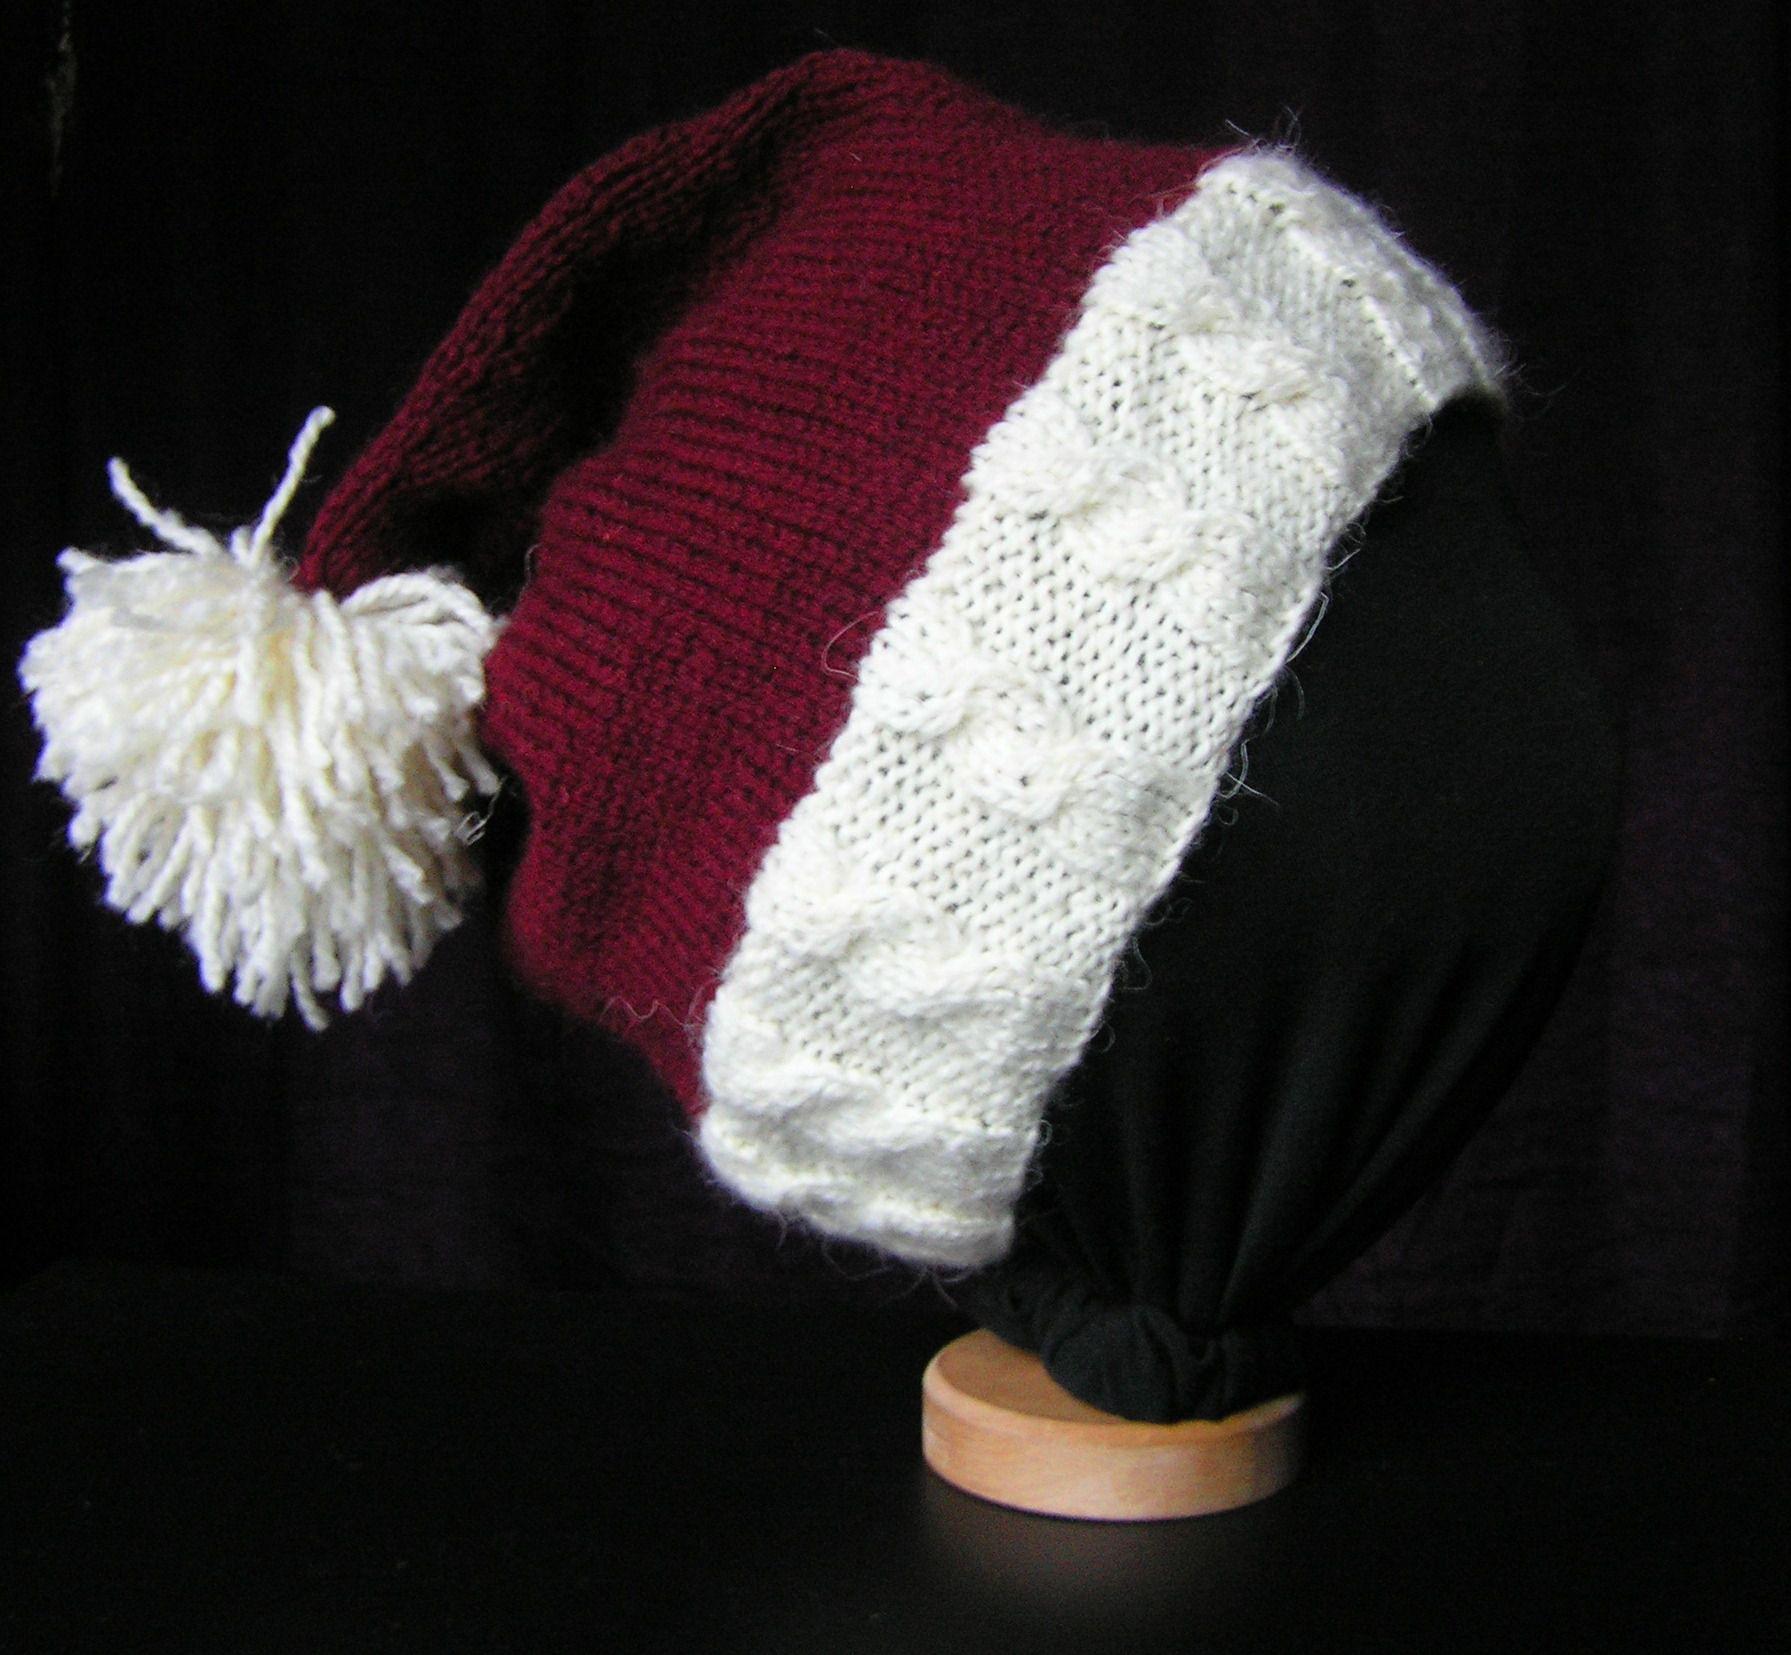 подарок новыйгод новогодняяшапочка новогоднийсувенир новогоднийколпачок шапкасантаклауса новогодняяшапка шапканановыйгод новогоднийколпак шапка новогоднийподарок колпачок подарокнановыйгод